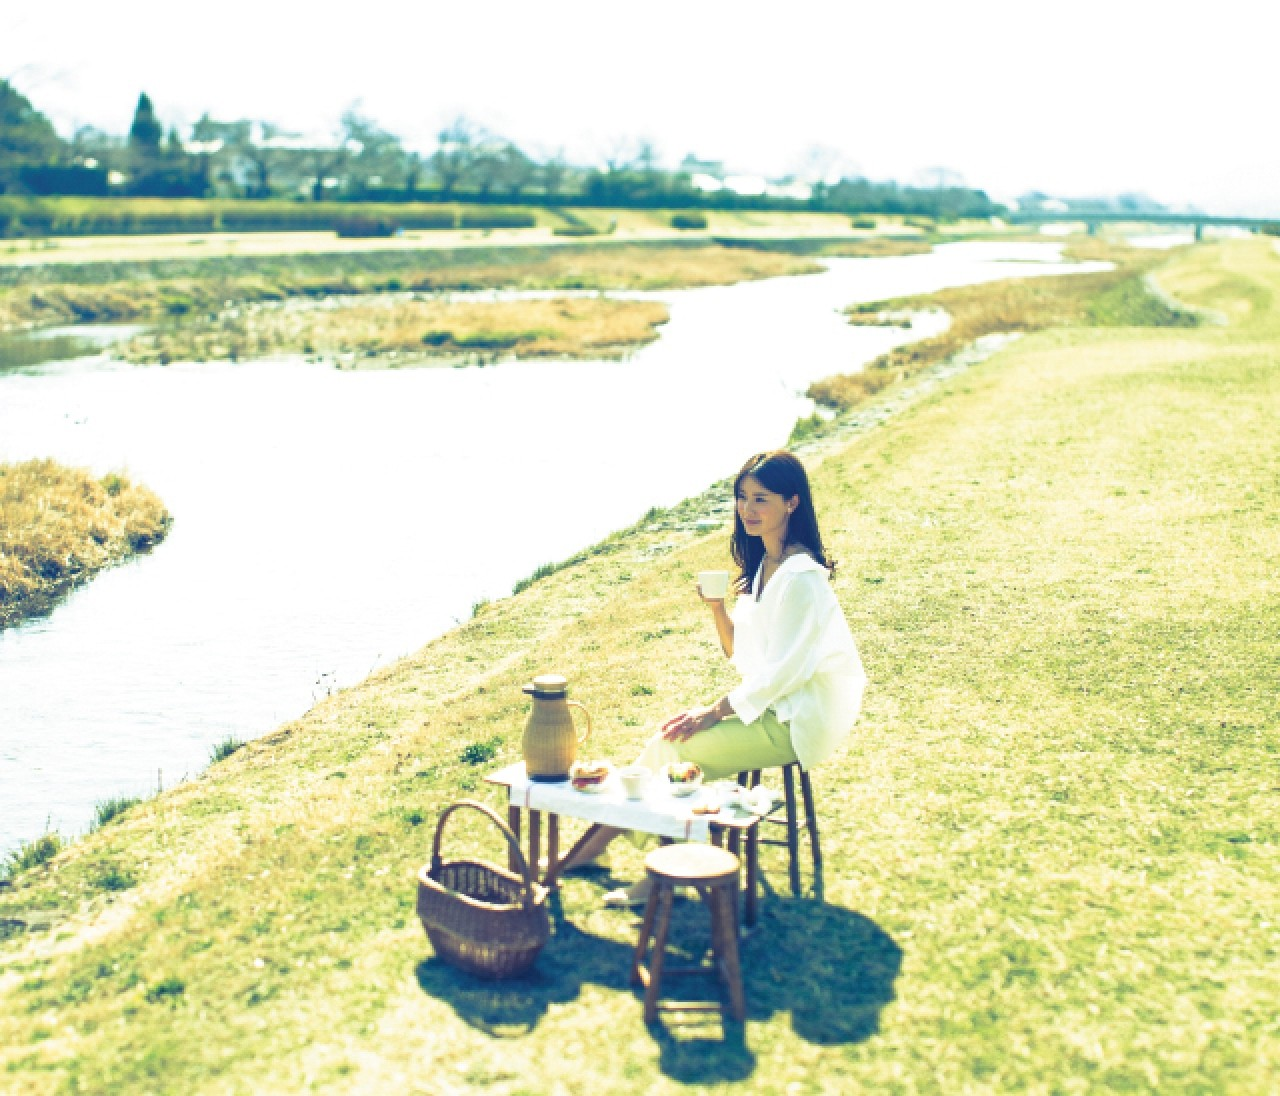 【速報&必見】BAILA6月号の別冊付録は「レトロジェニック京都」BOOK